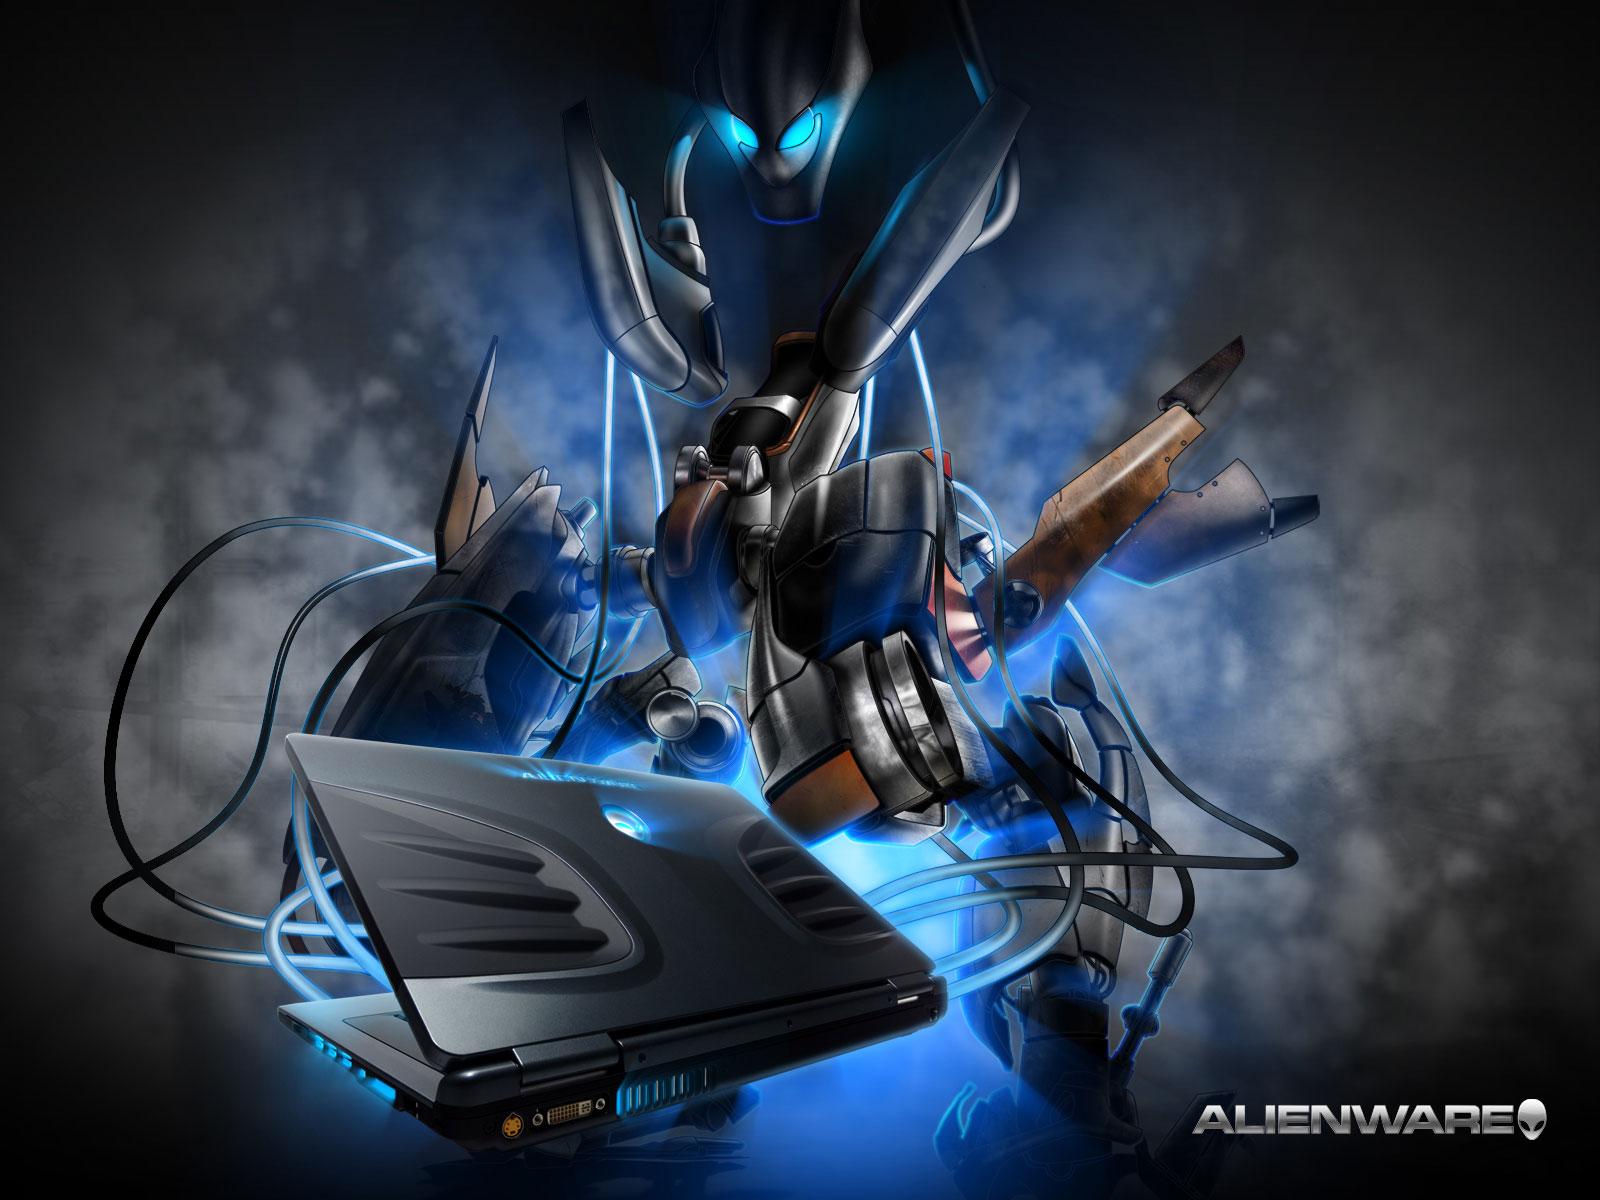 http://1.bp.blogspot.com/-_DRm7kfKMrc/TyKQta2WQYI/AAAAAAAACFk/WnrB2XQMCnY/s1600/Alienware-Wallpaper.jpg